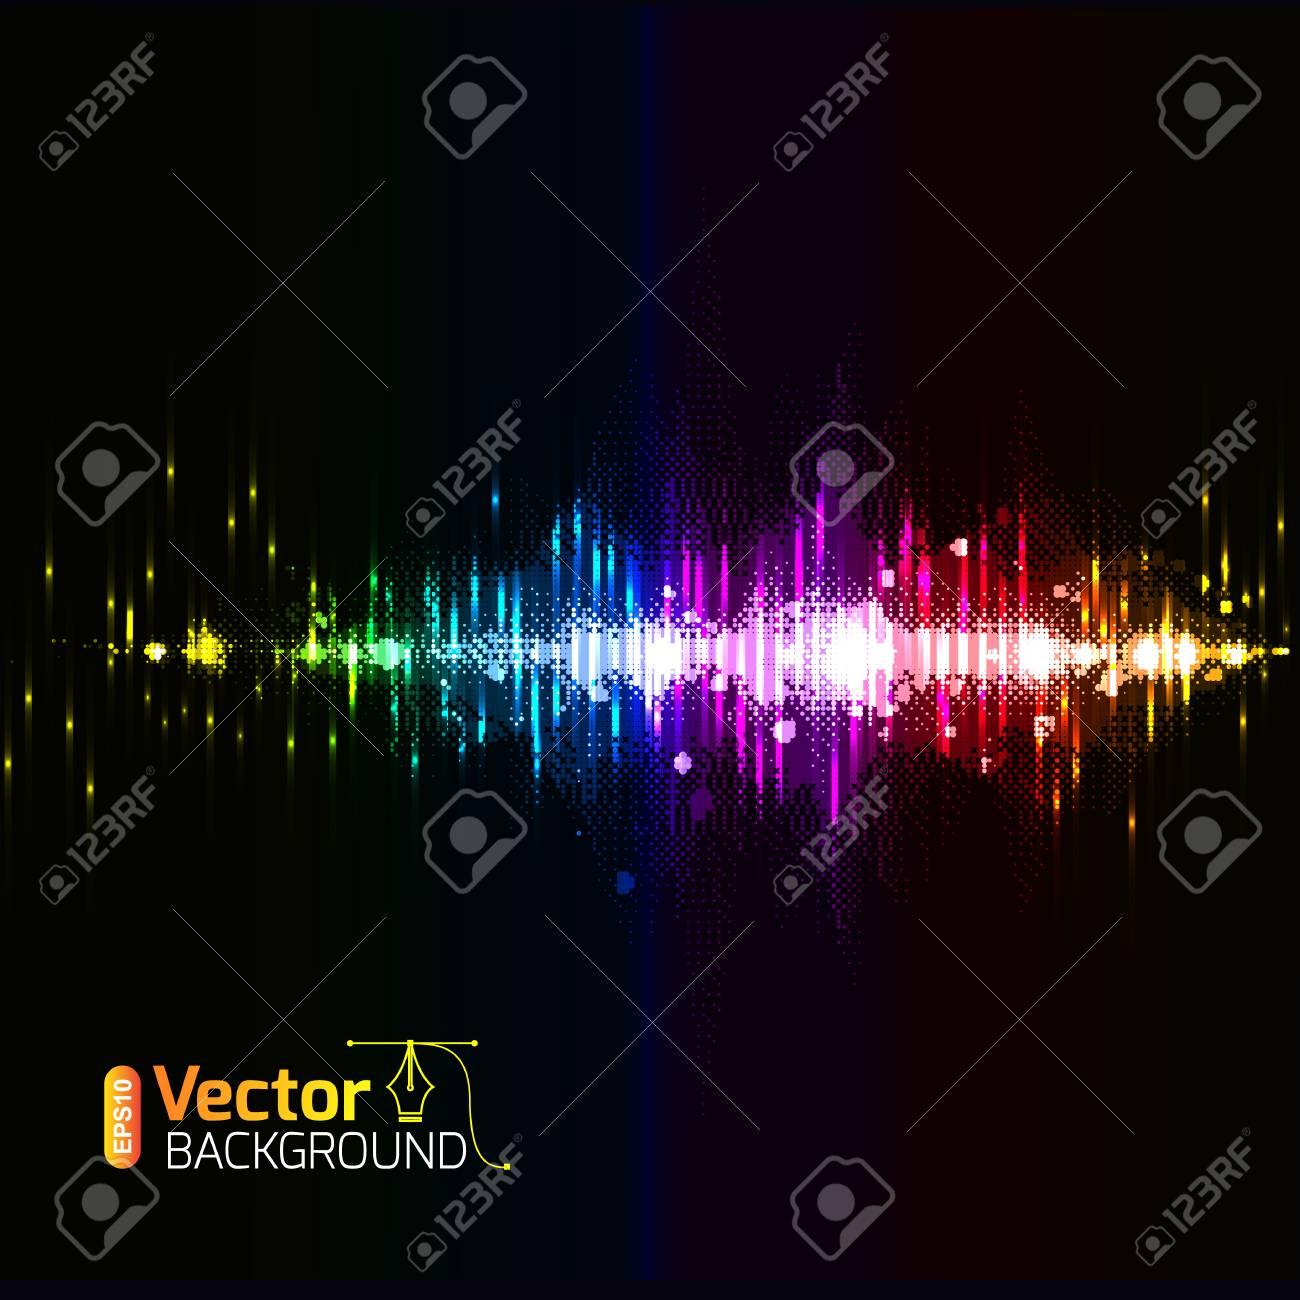 カラフルな音楽黒の背景 壁紙 ポストカード 音楽バナーのボリューム